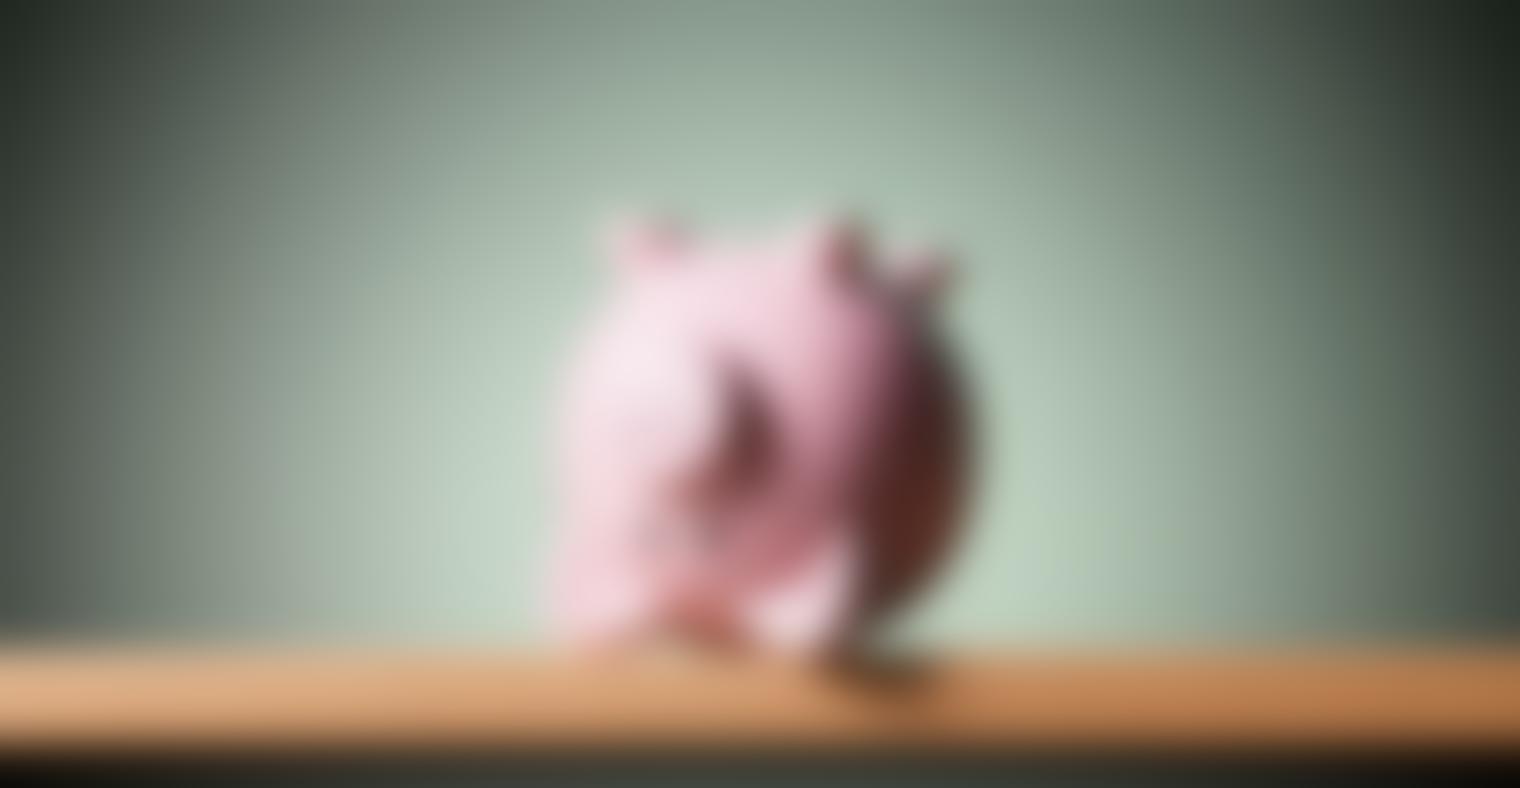 An upside down piggy bank